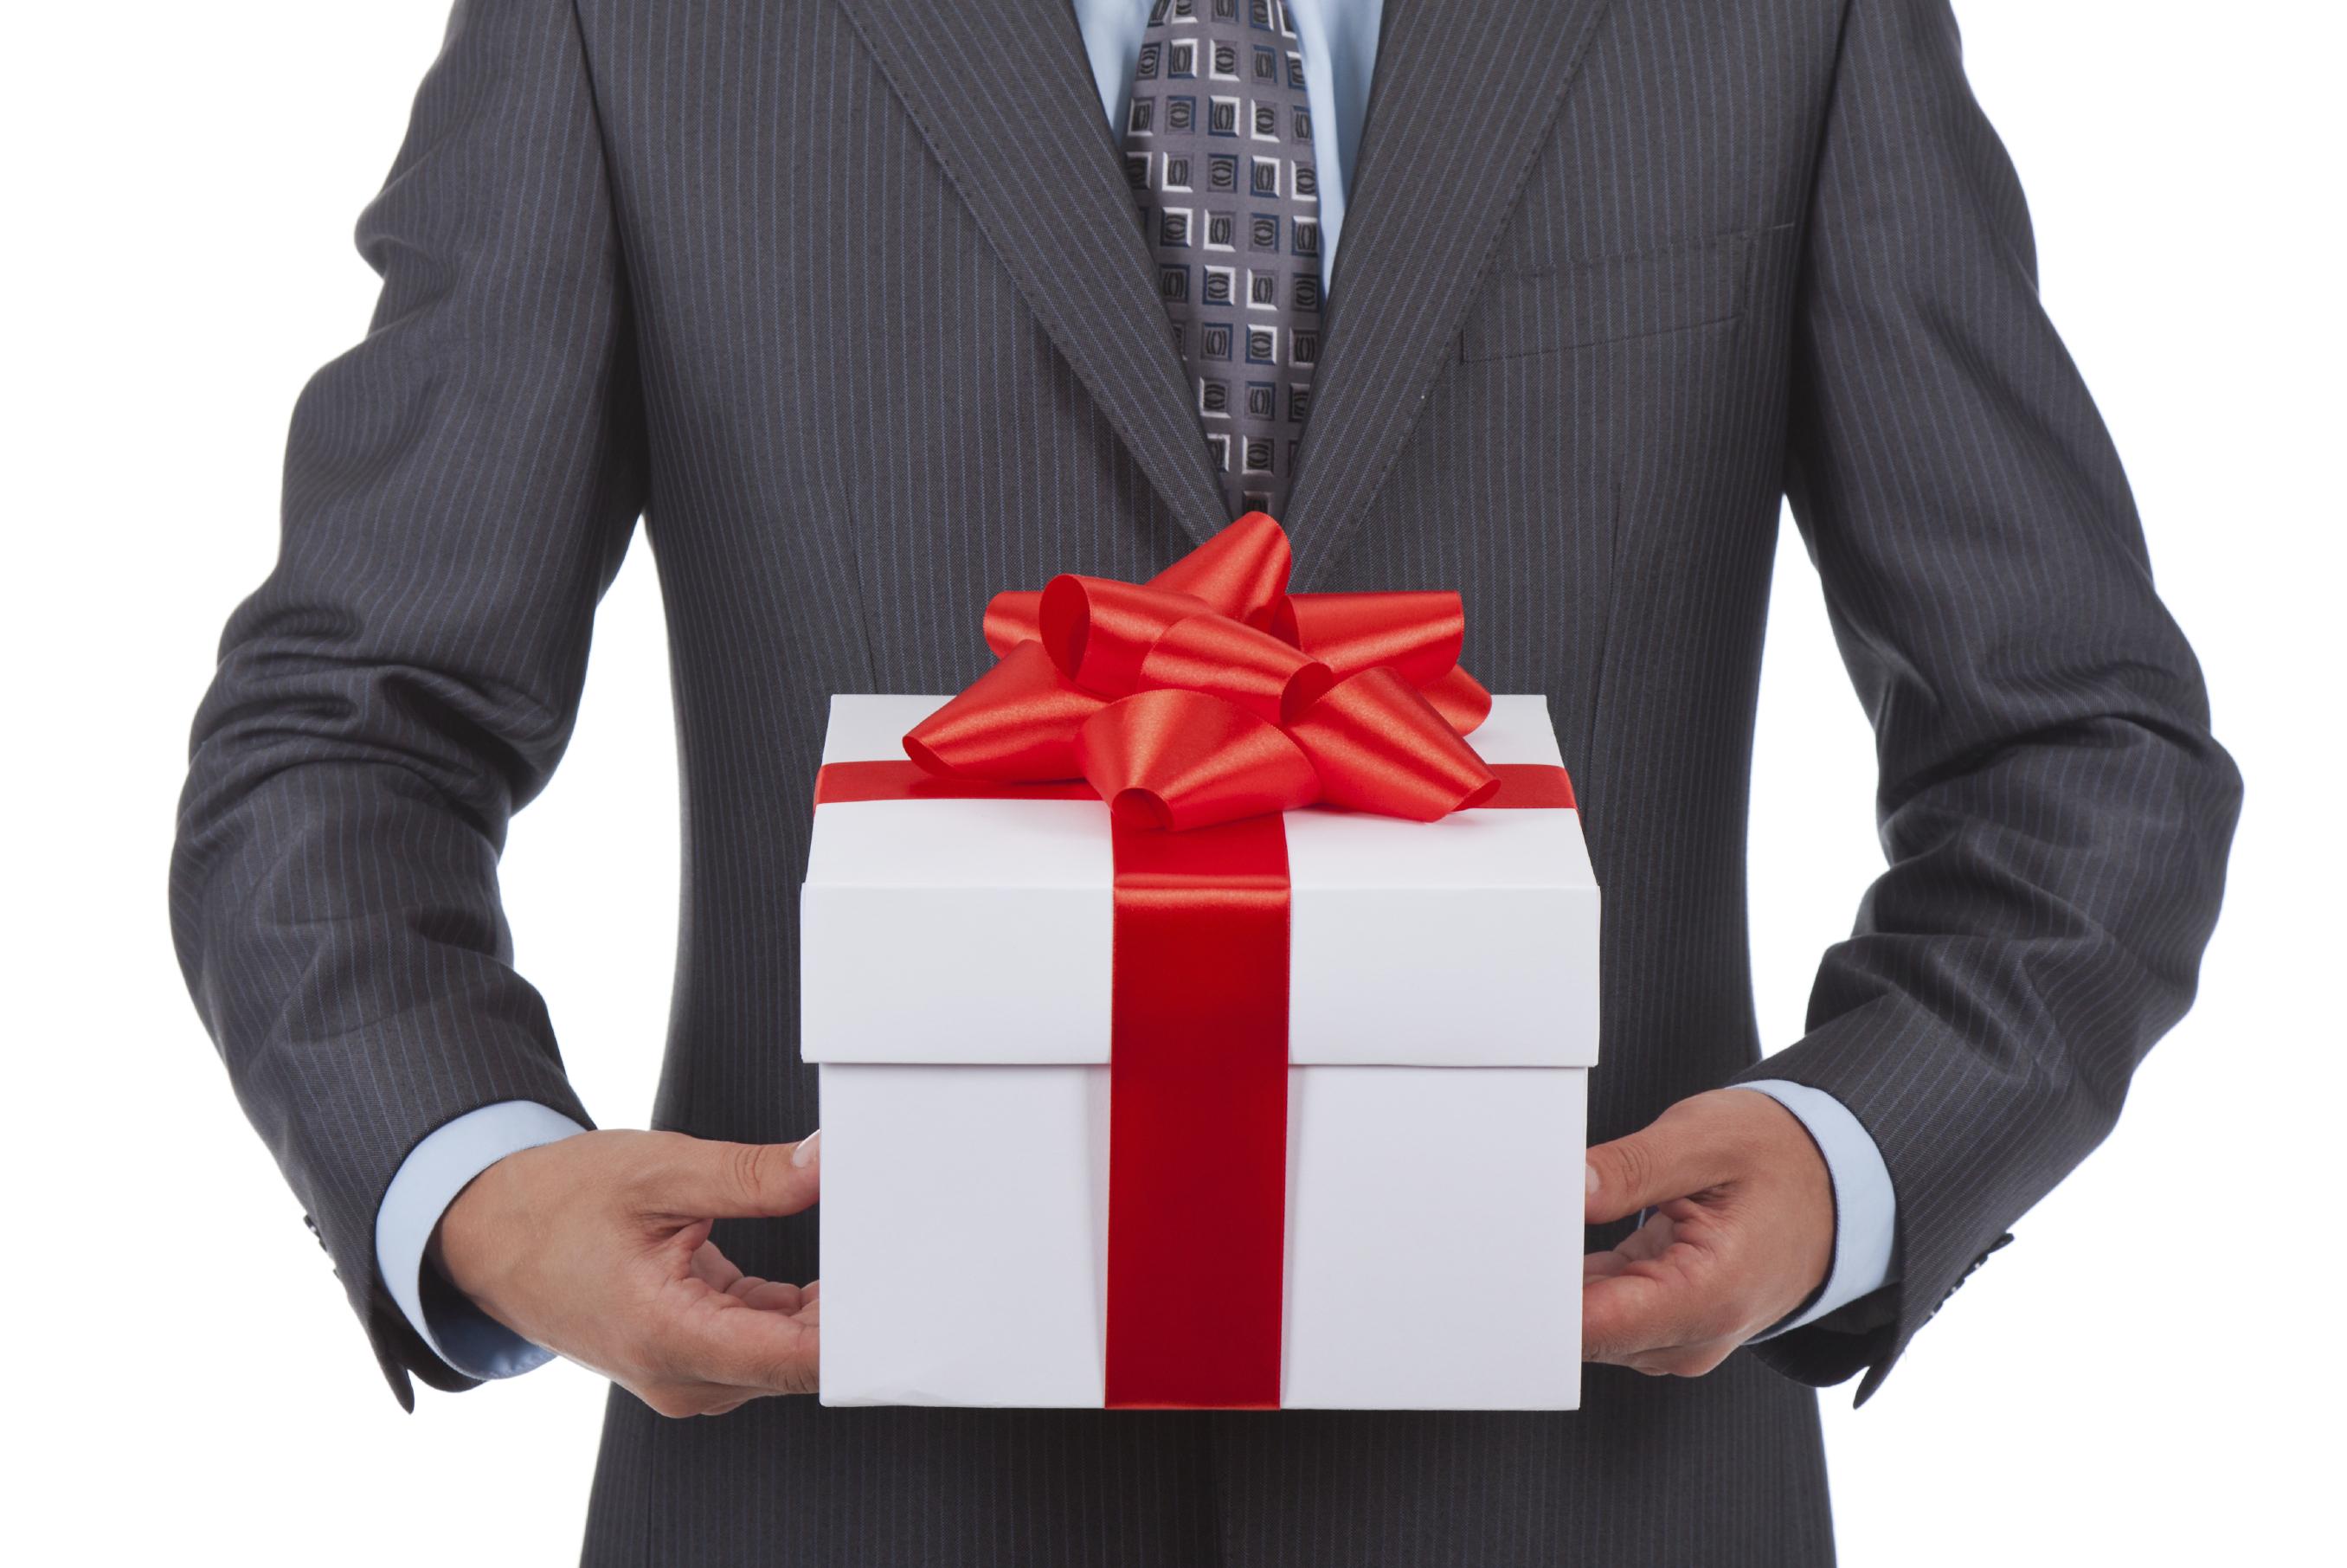 Российским чиновникам хотят вернуть возможность получать дорогие подарки